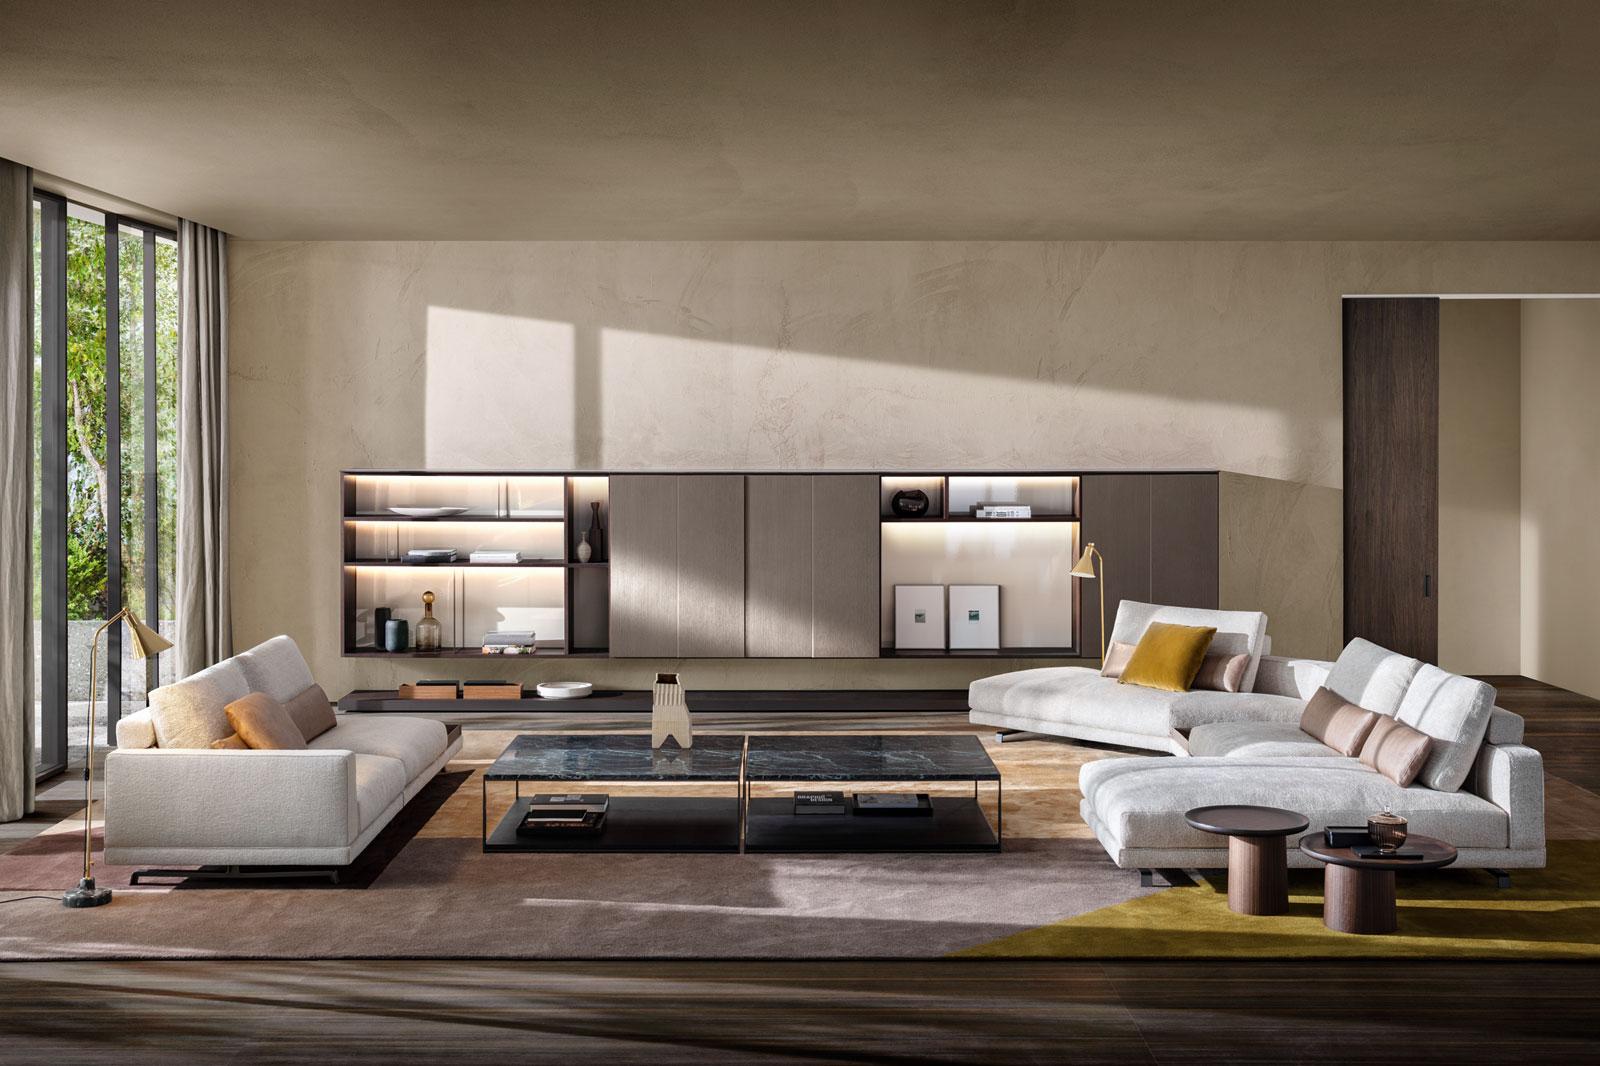 Modern sofa designs from Italian company Molteni&C.